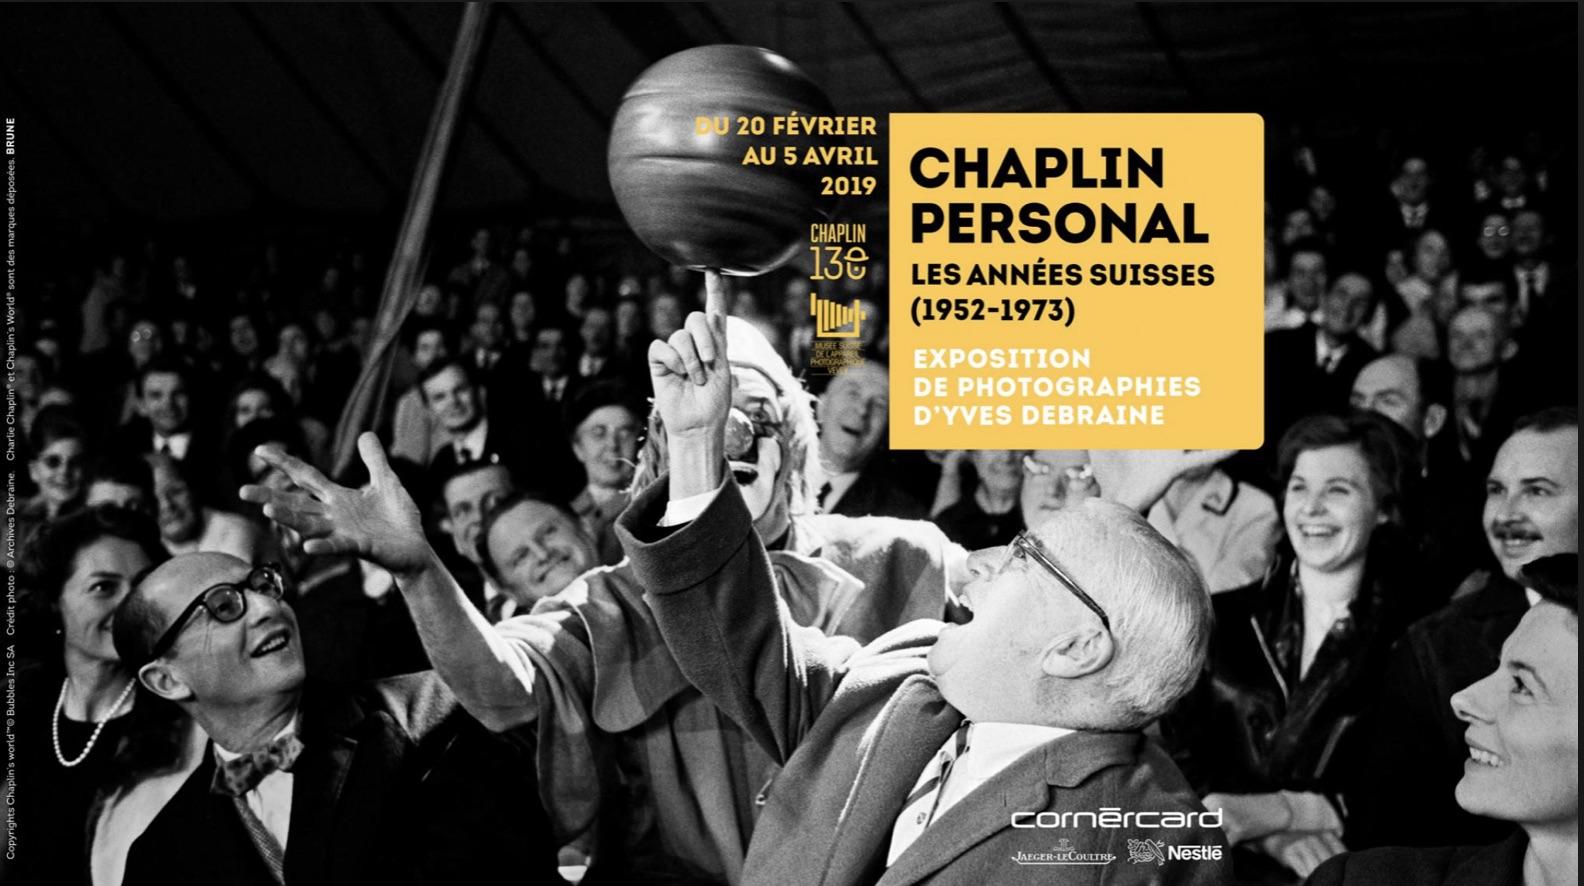 Exposition Corsier Chaplin Personal Corsier affiche